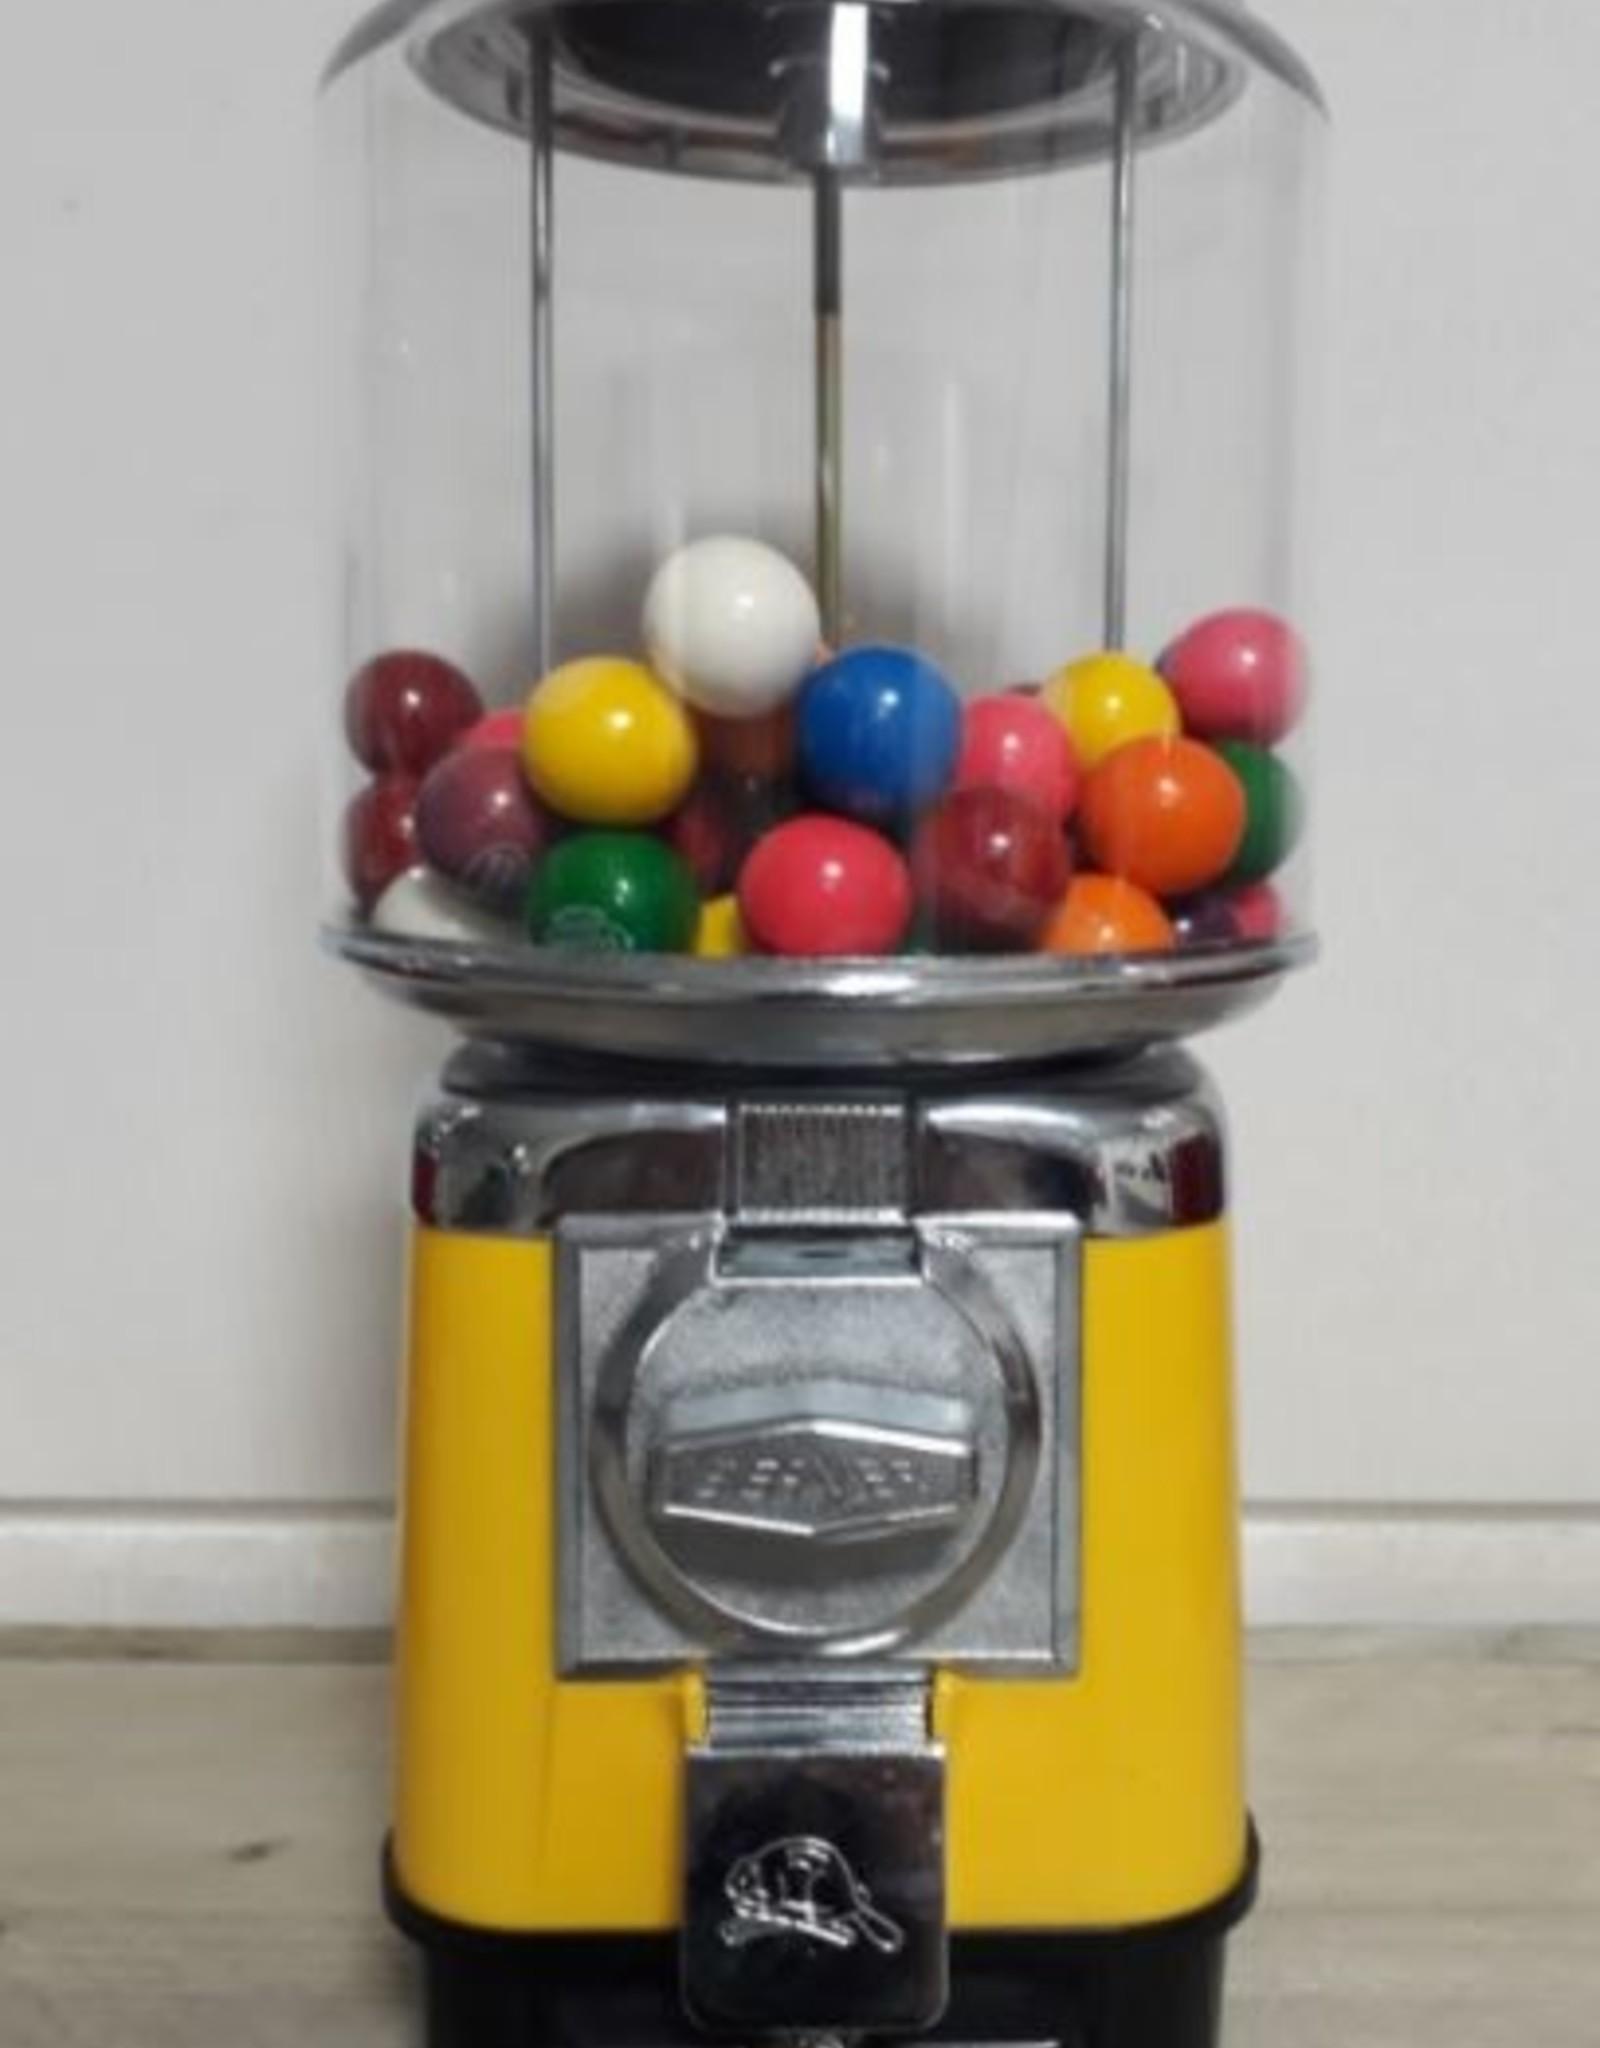 Speelgoedautomaat de Luxe voor uitdeelcadeautjes